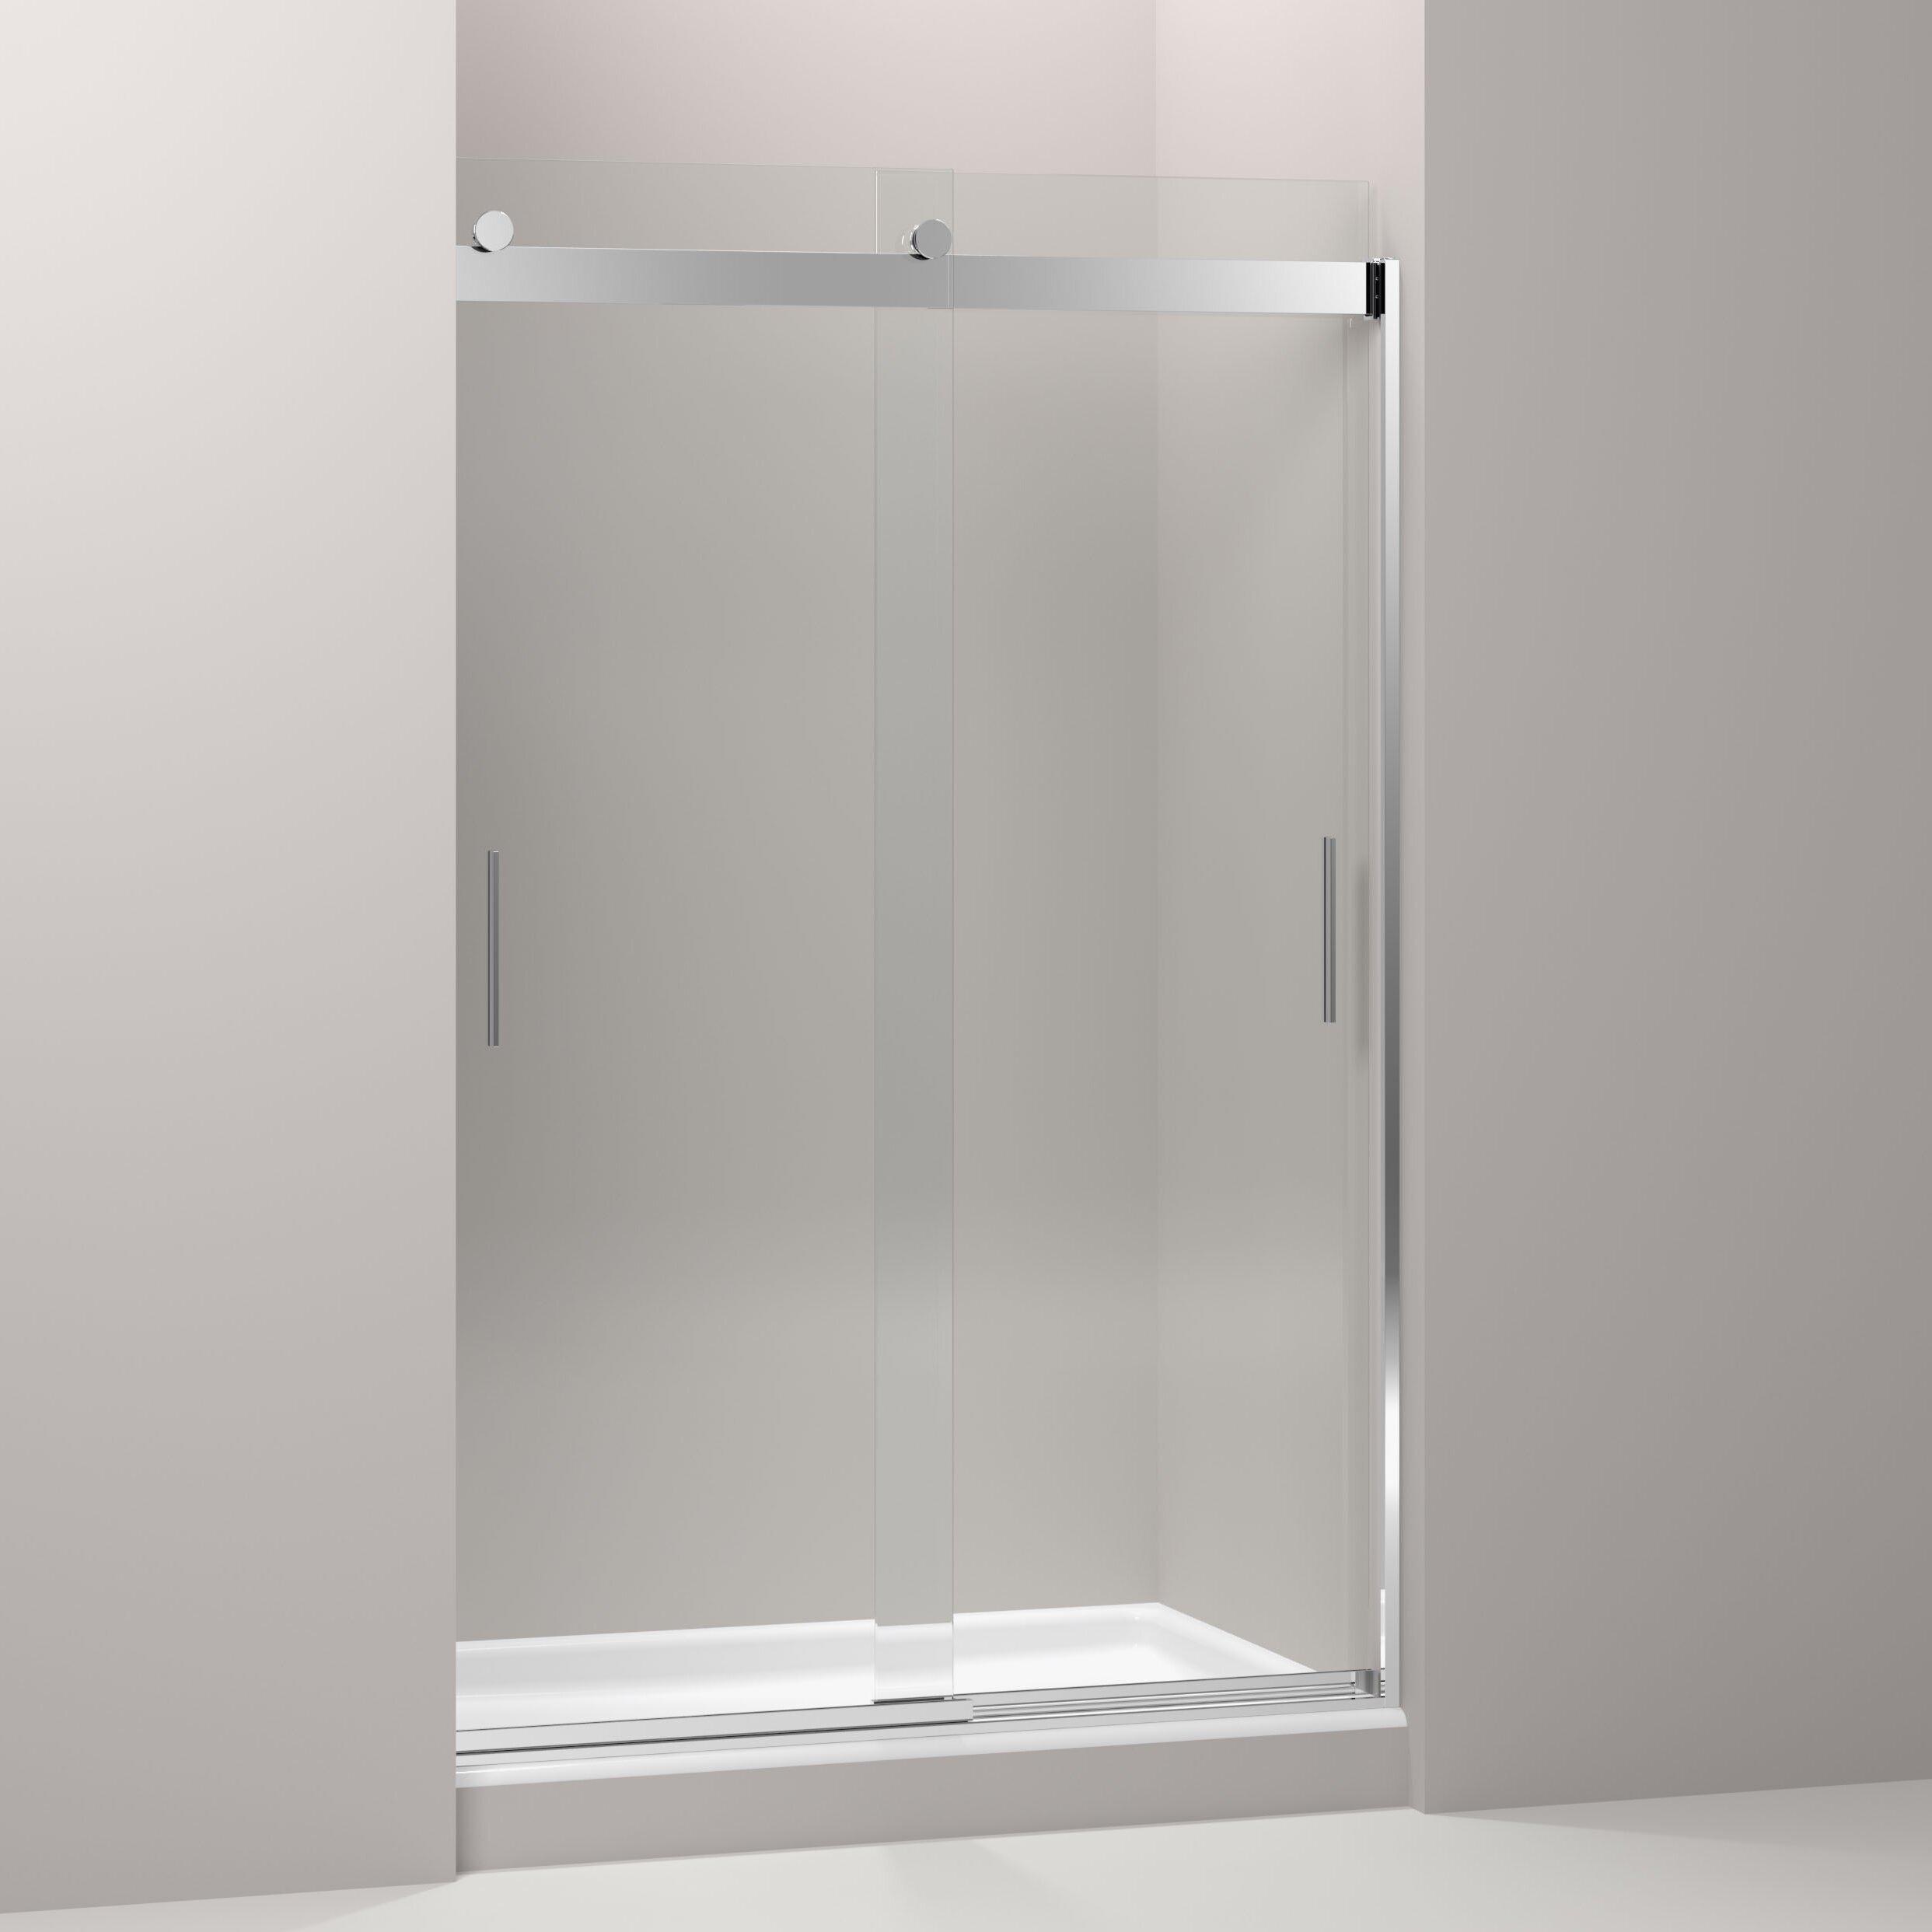 Sliding Glass Shower Door Handles - Mobroi.com